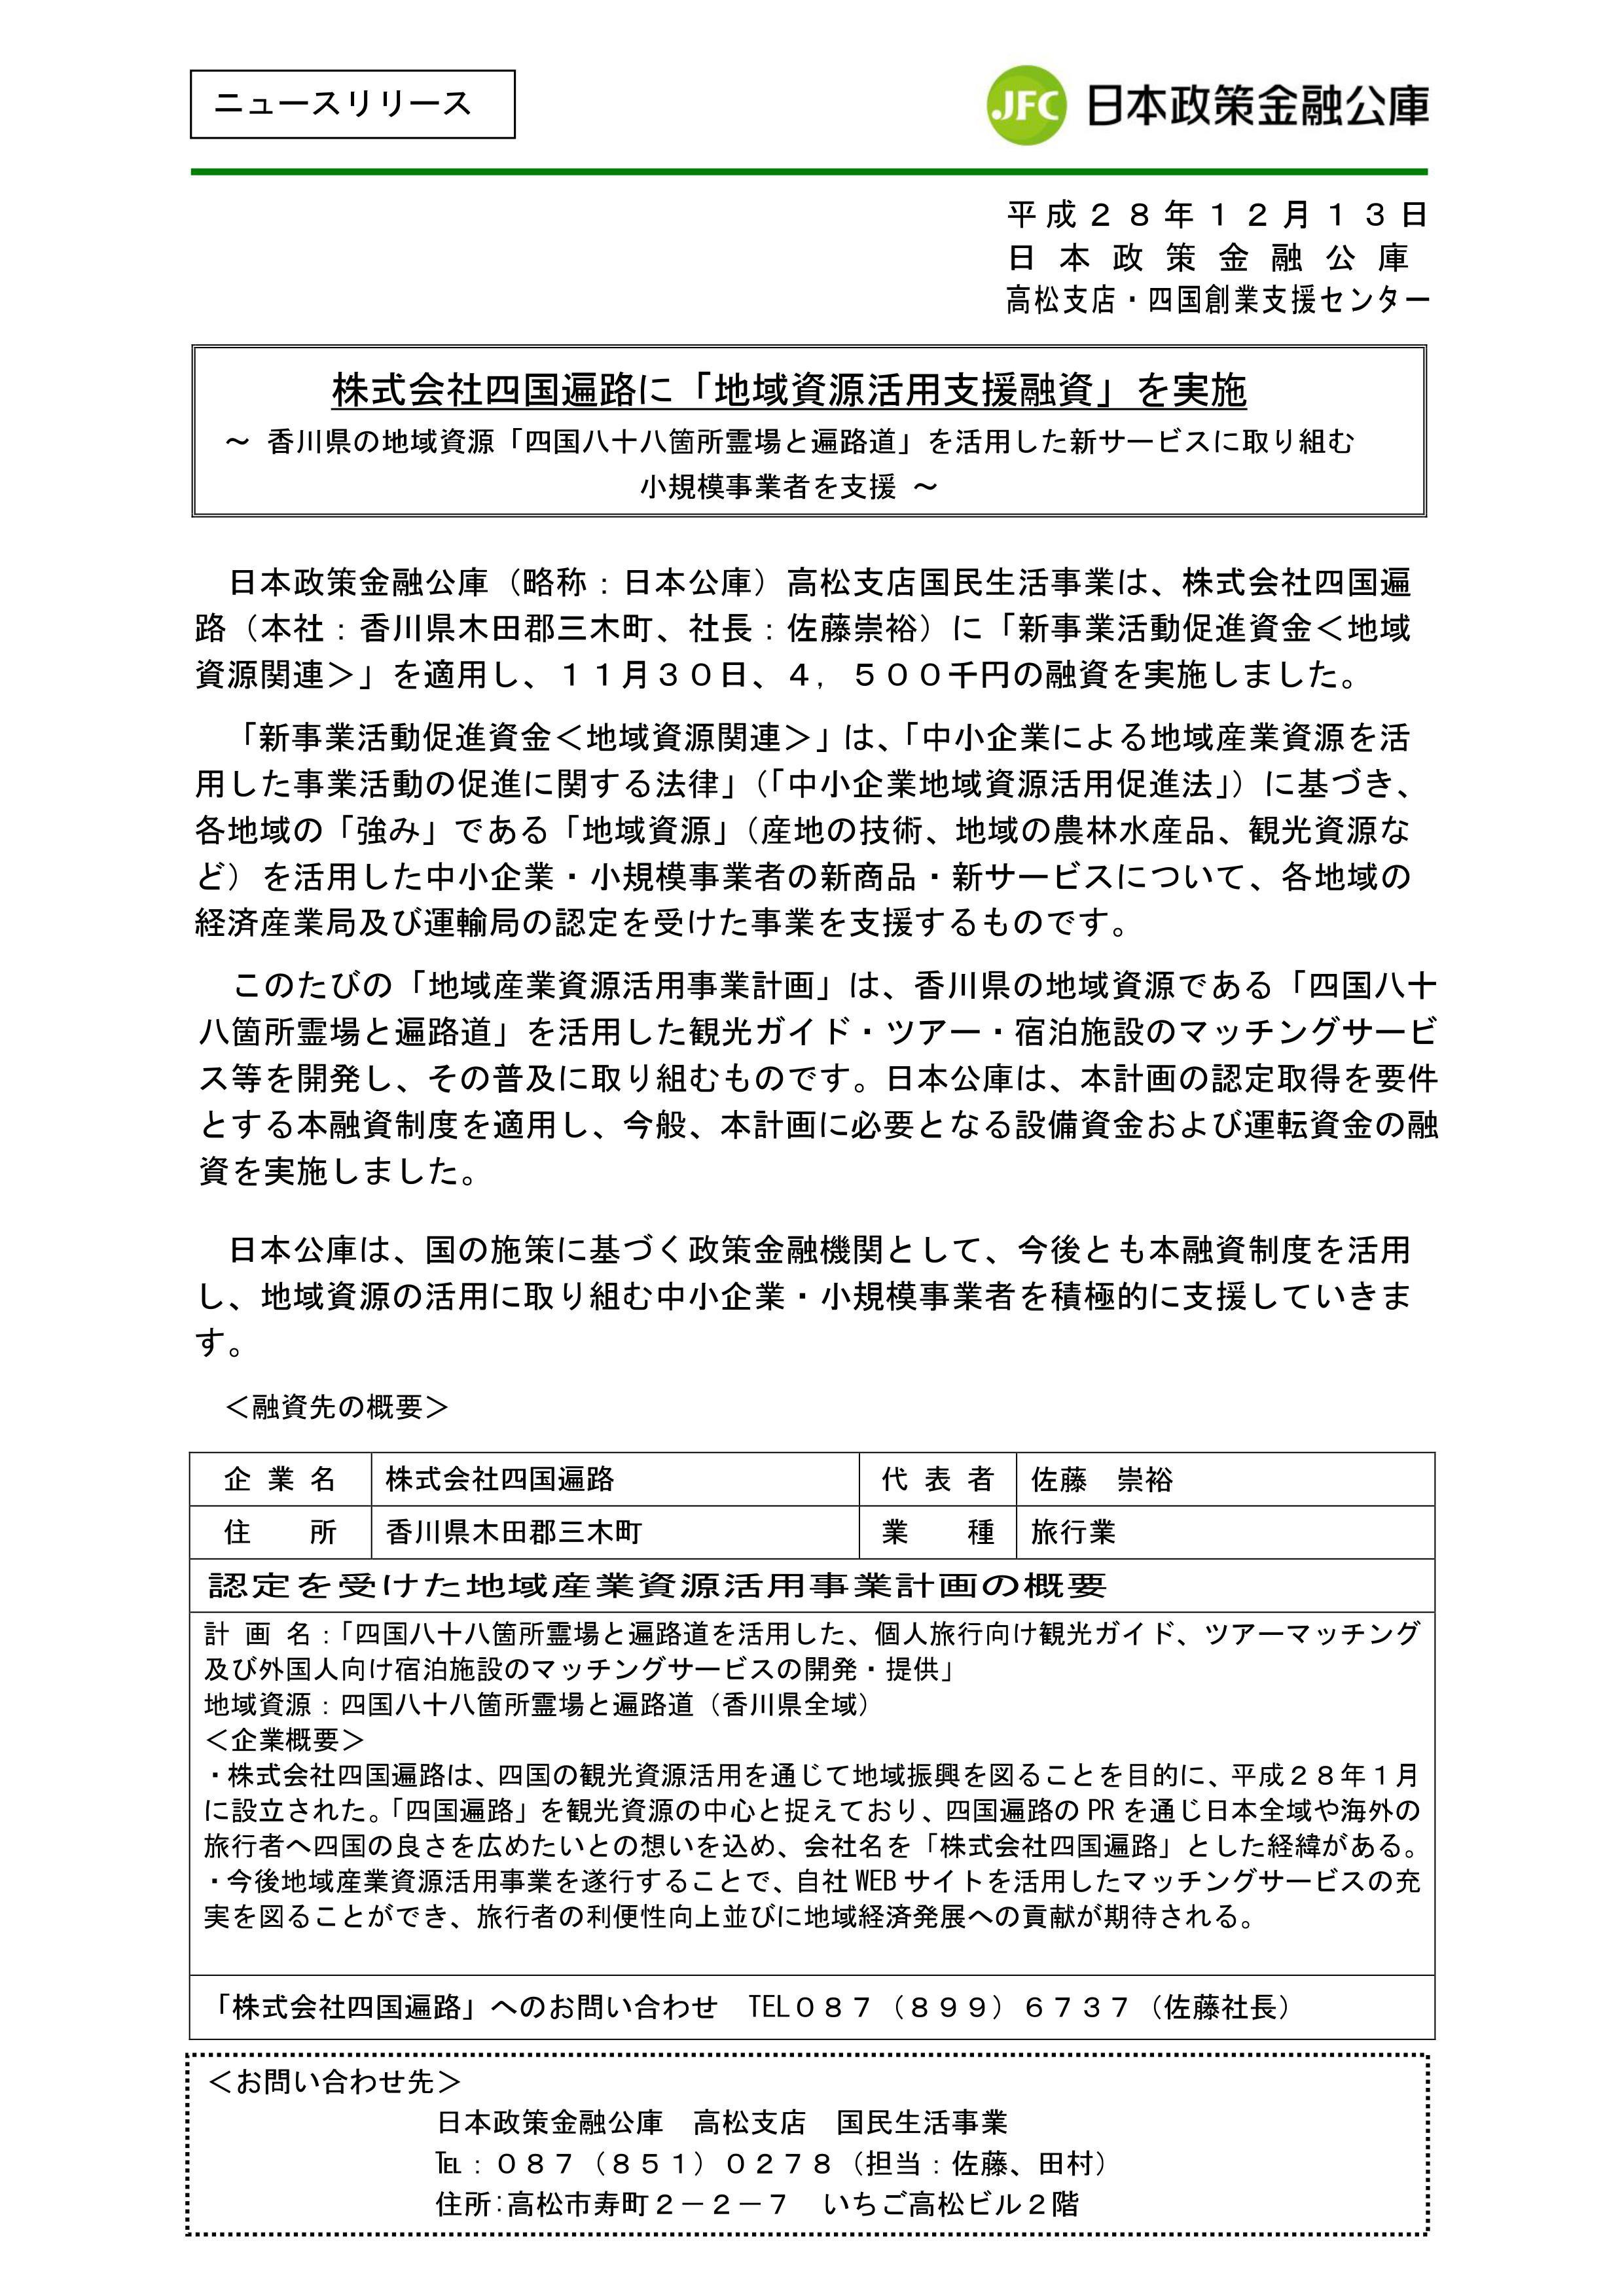 日本政策金融公庫リリース1